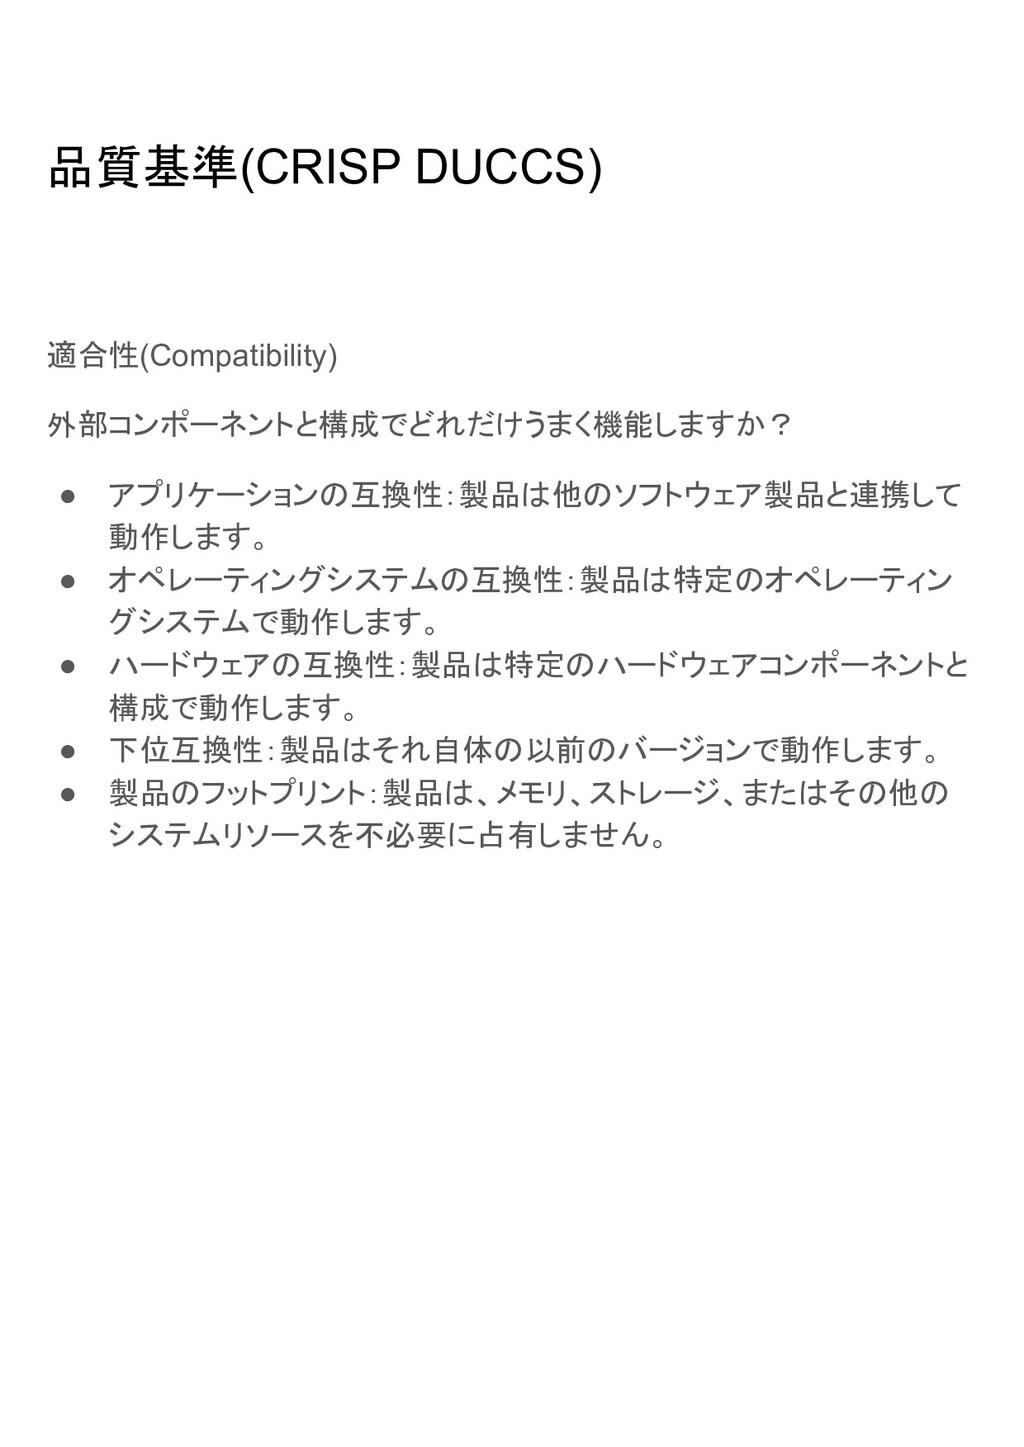 品質基準(CRISP DUCCS) 適合性(Compatibility) 外部コンポーネントと...